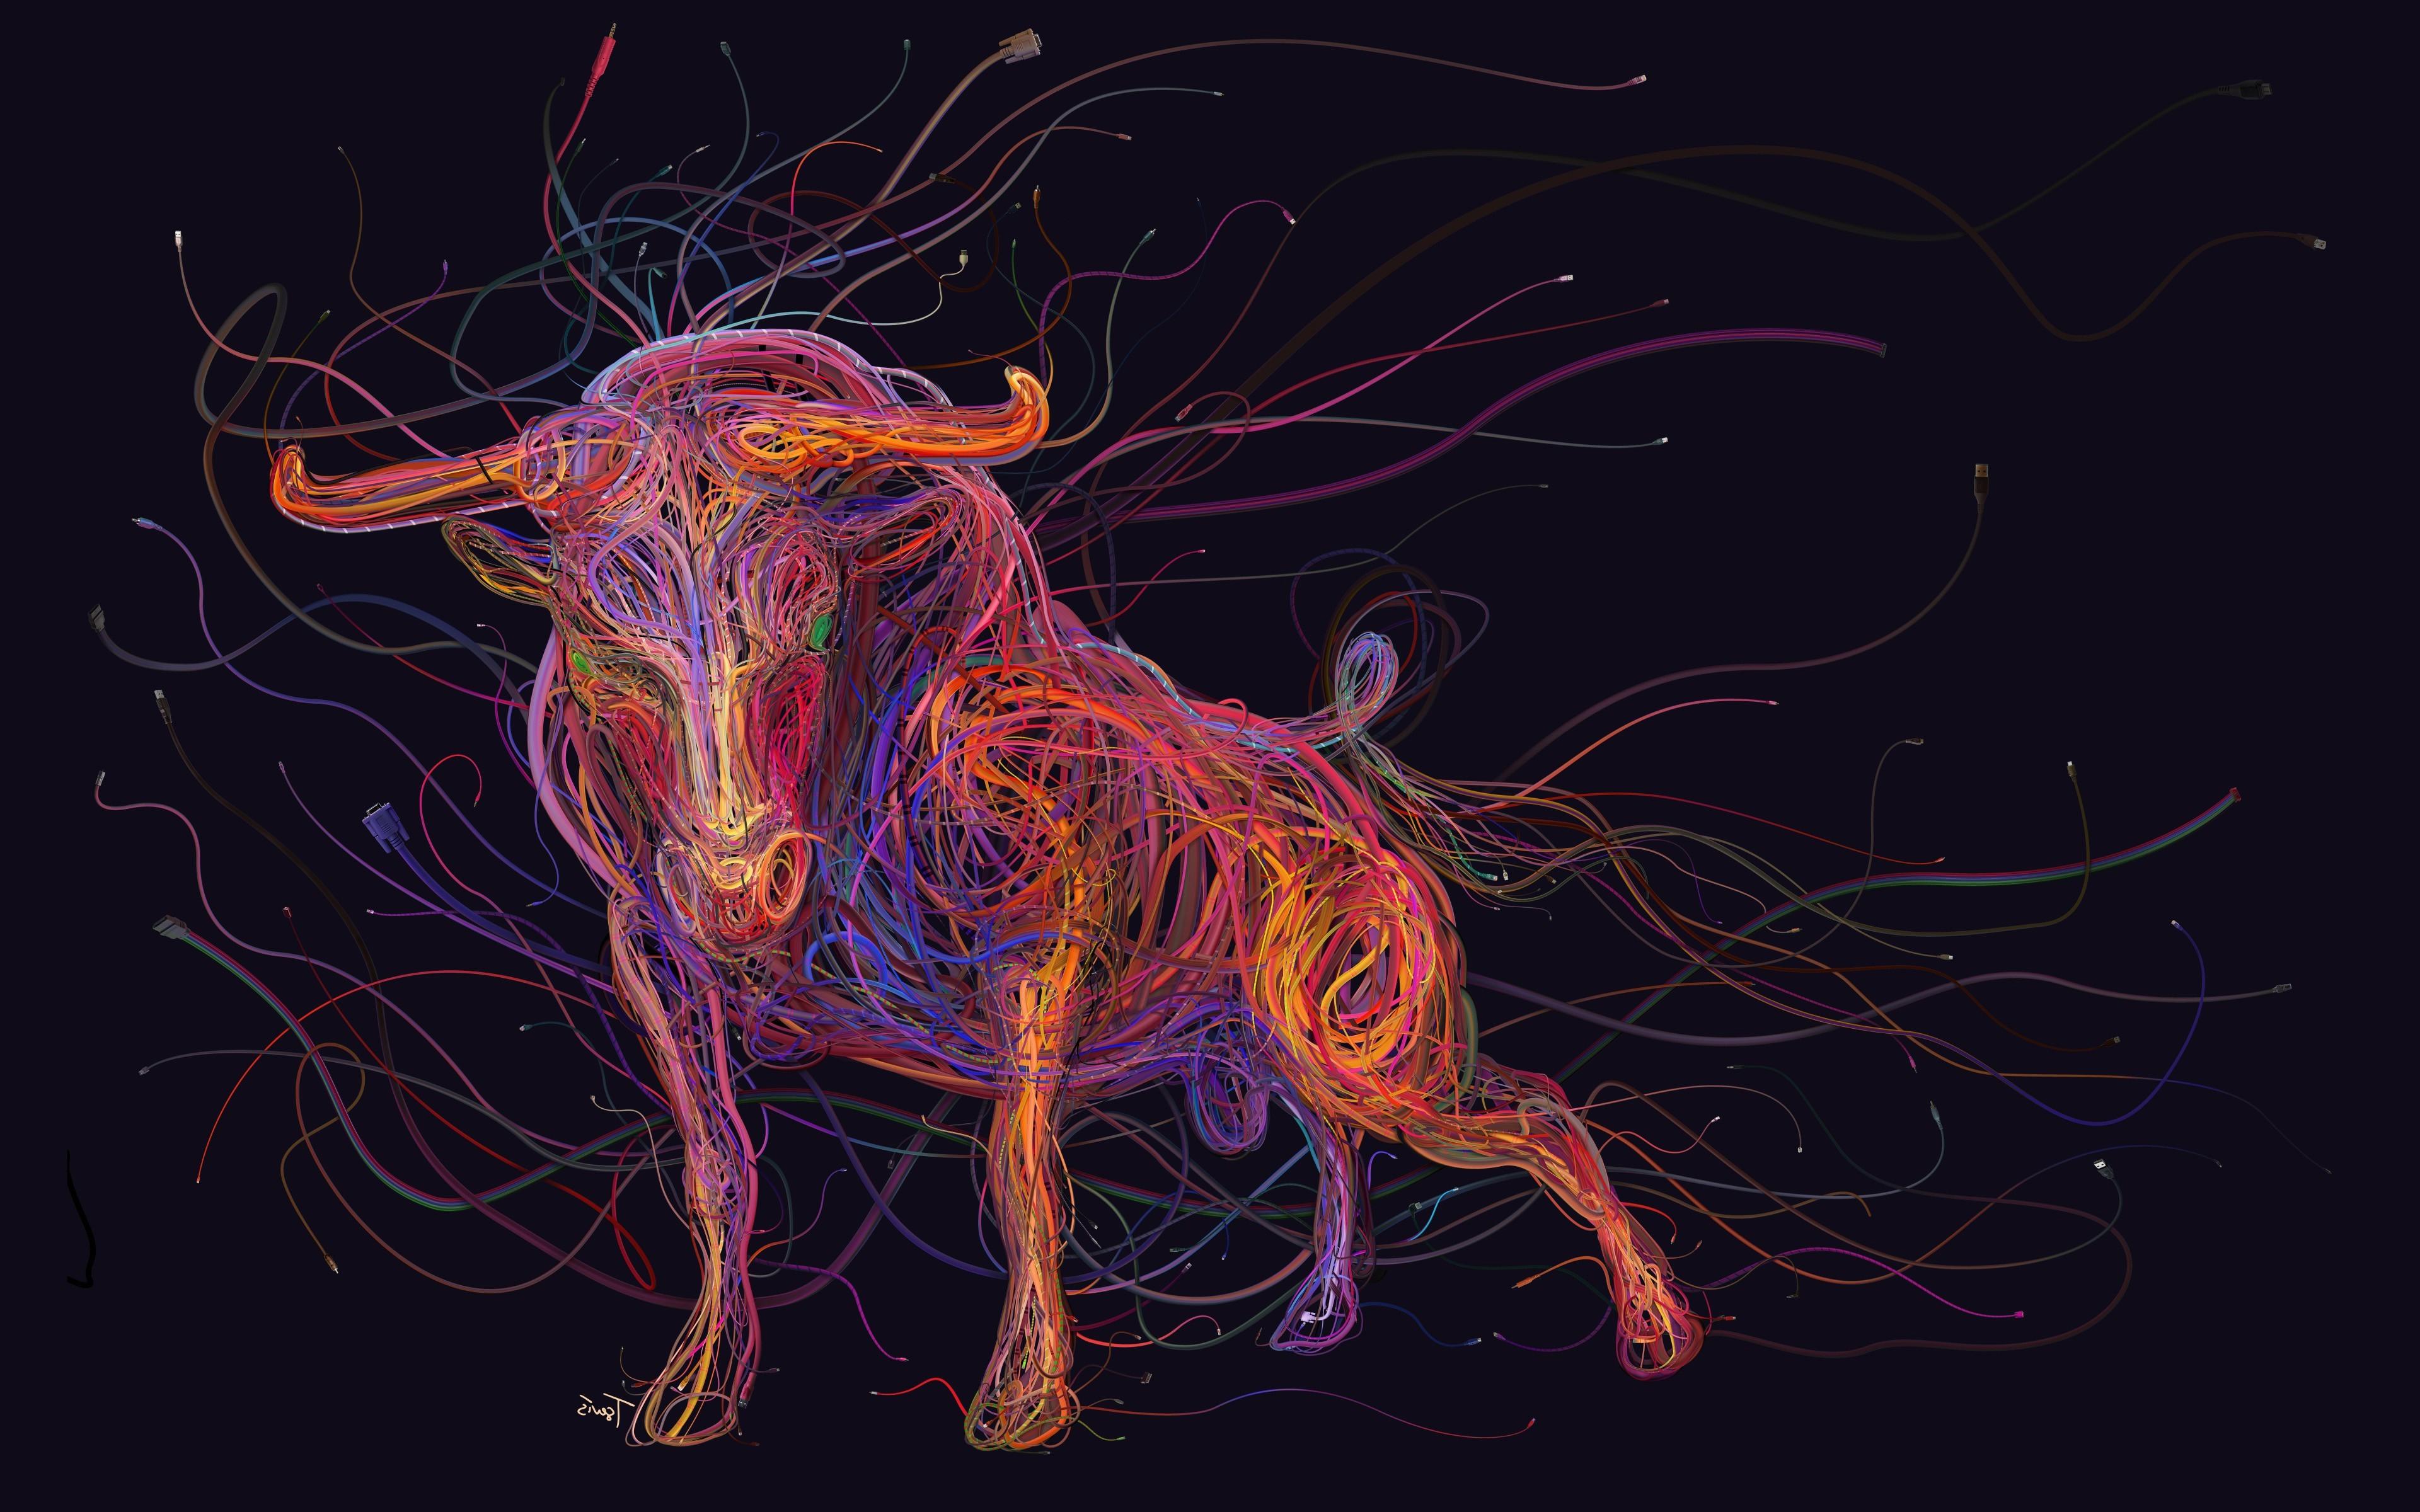 Sfondi Colorato Illustrazione Arte Digitale Animali Fili Usb